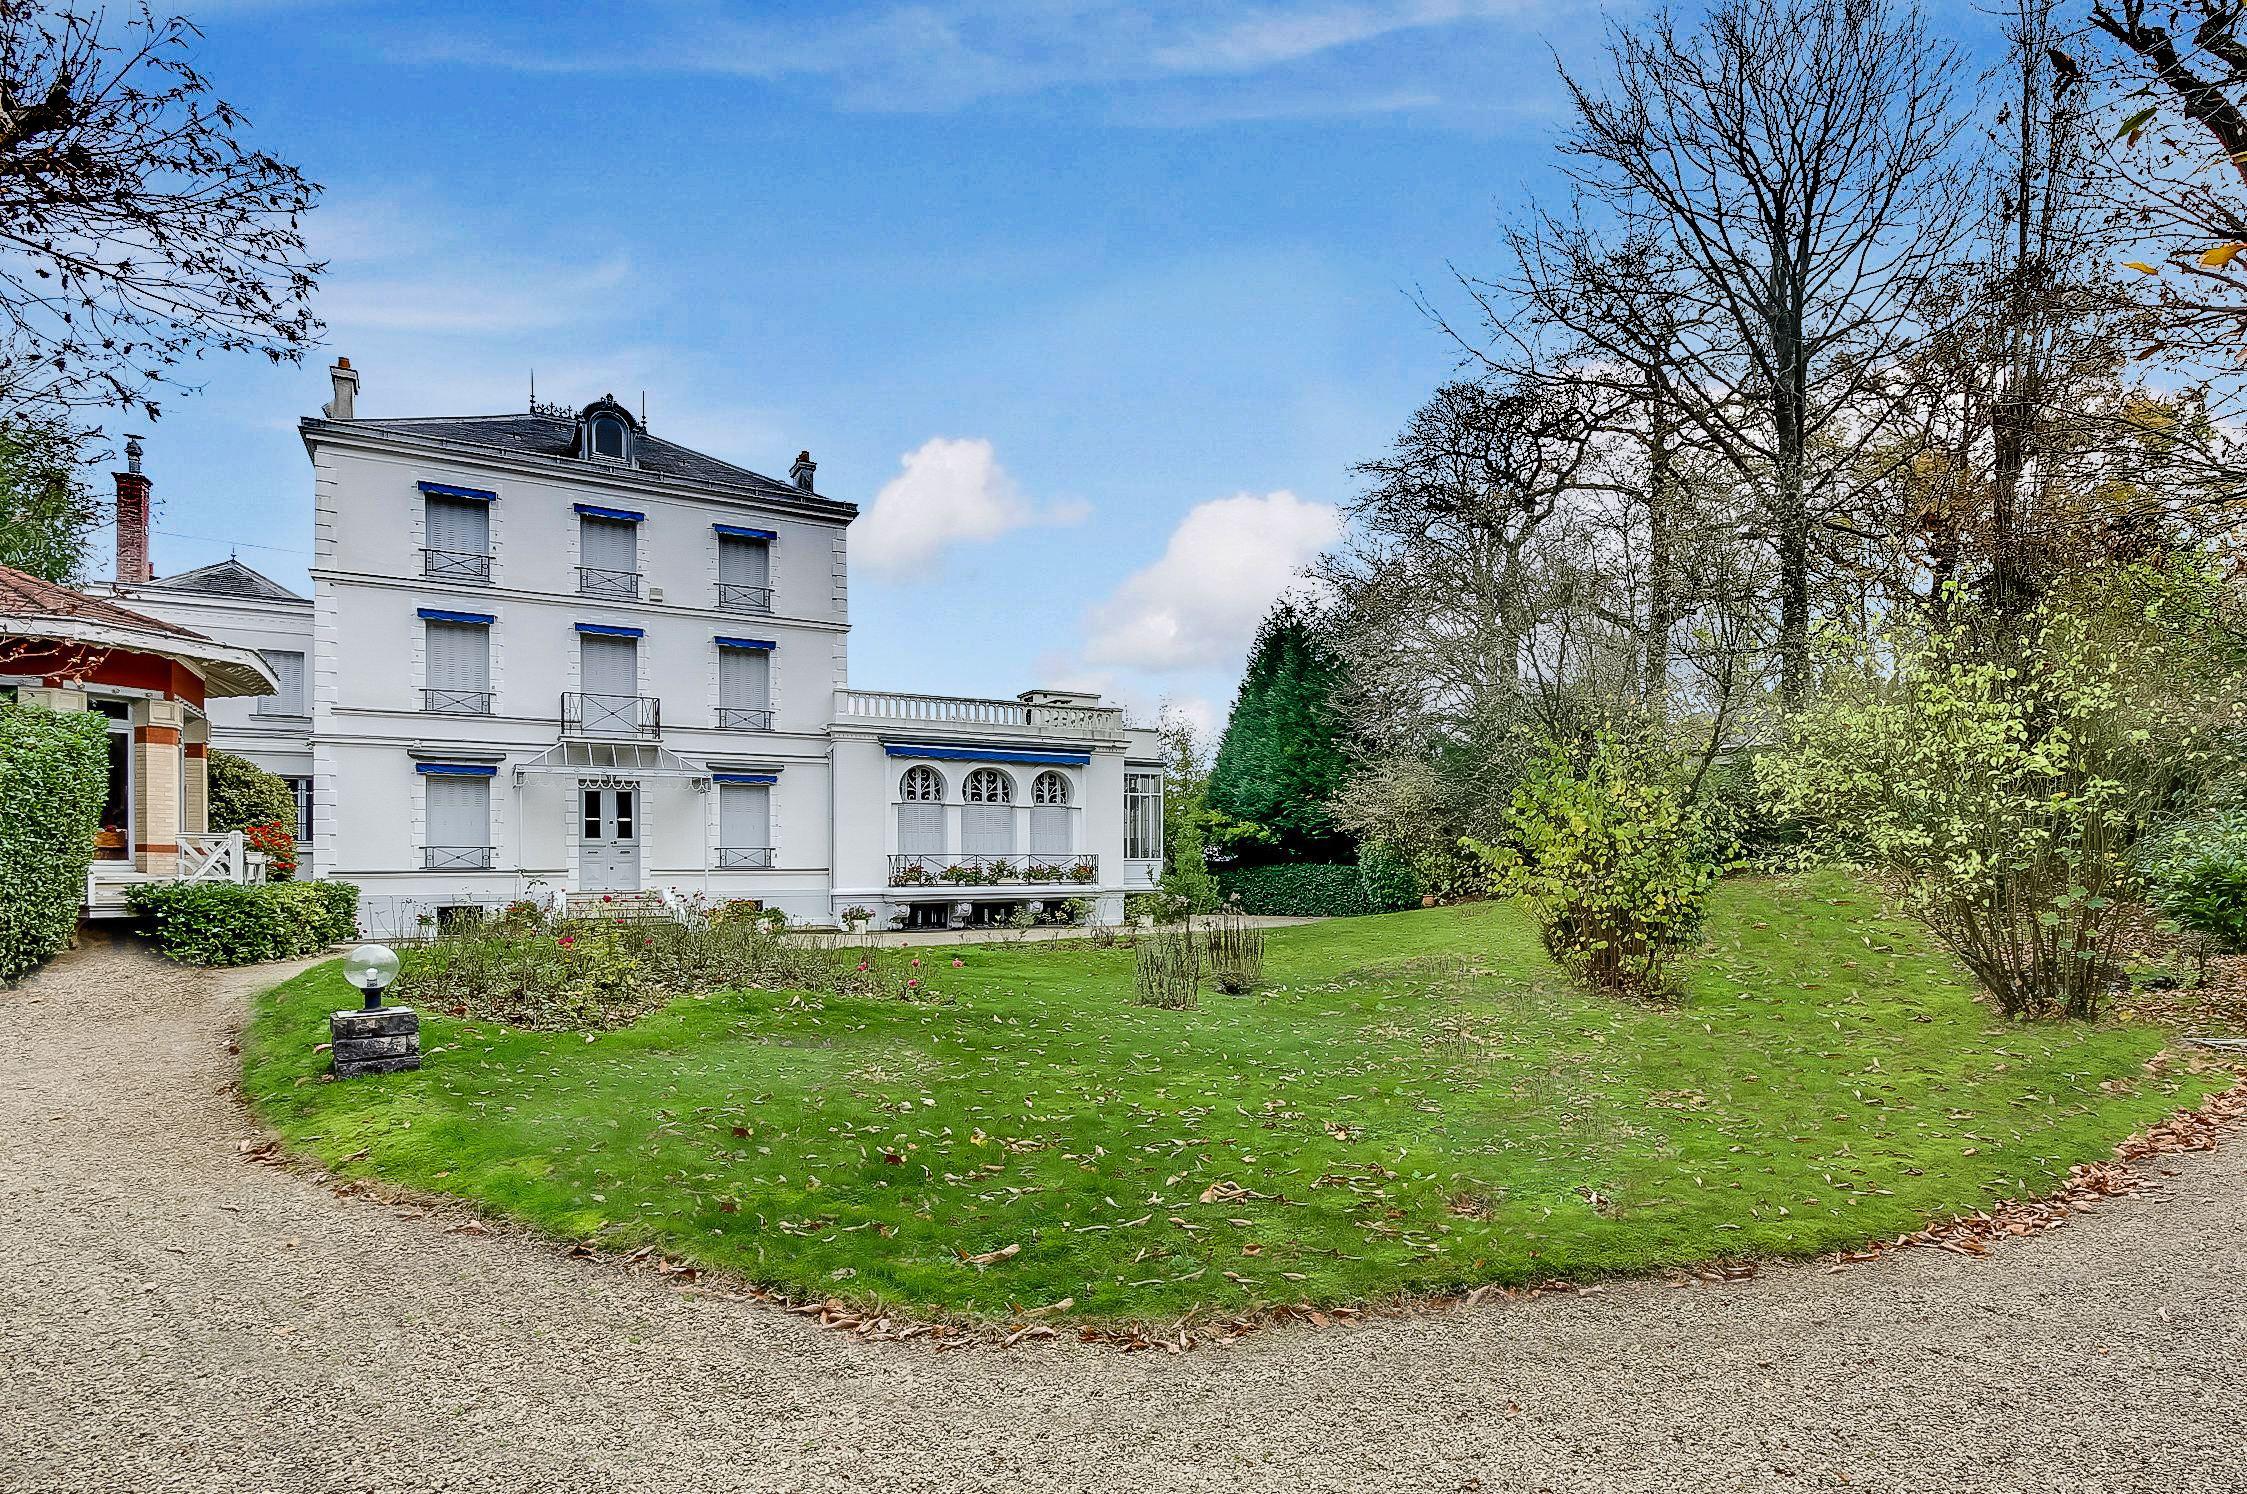 Casa Unifamiliar por un Venta en Elegant Property for sale, 3 levels, Golf de St Cloud, 11 rooms Vaucresson, Ile-De-France, 92420 Francia